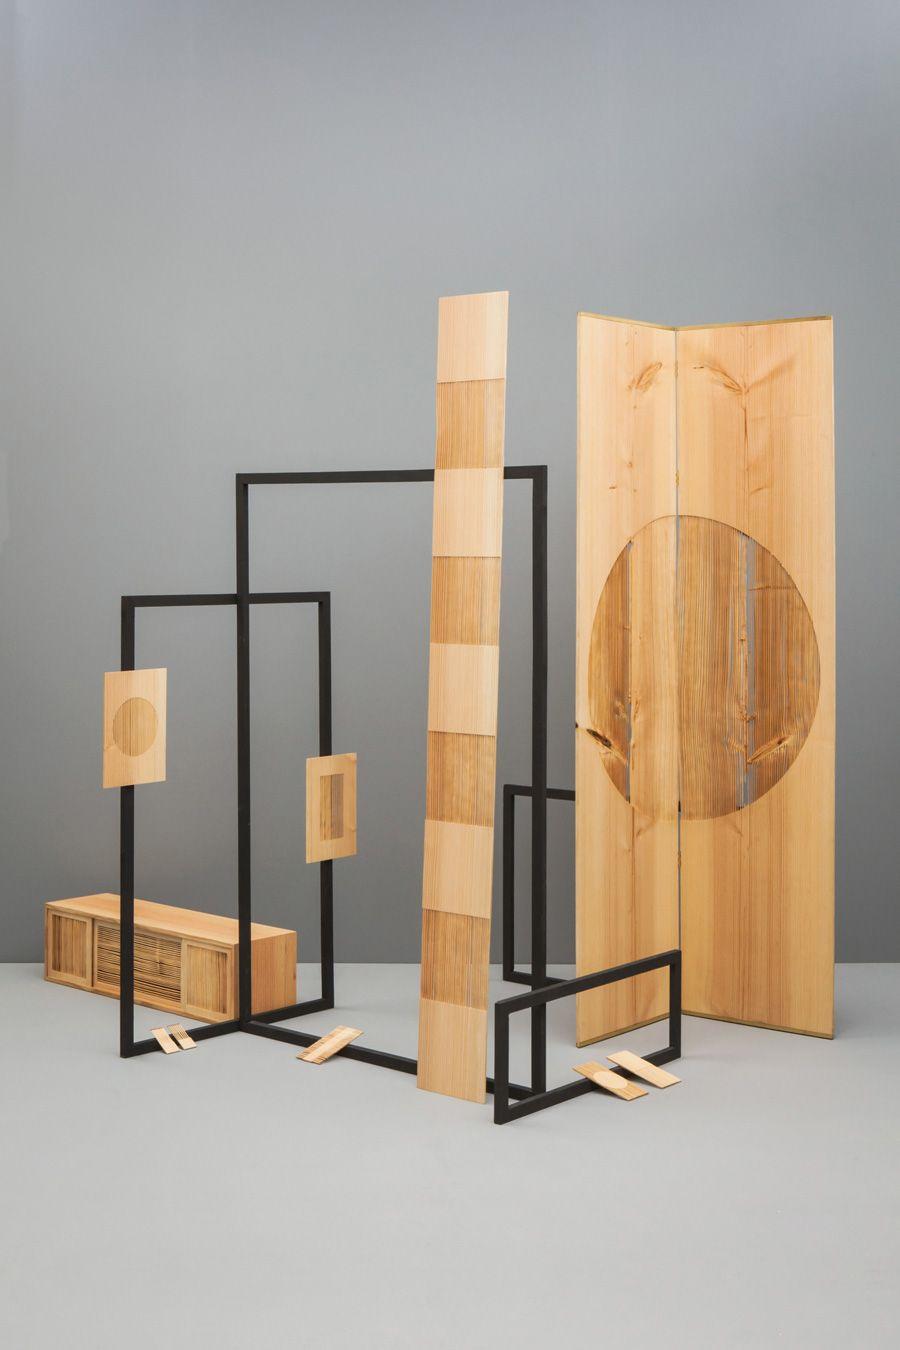 Diptych by Lex Pott & New Window | ARTNAU | Disenos de unas, Interior de  tienda, Separadores de ambiente